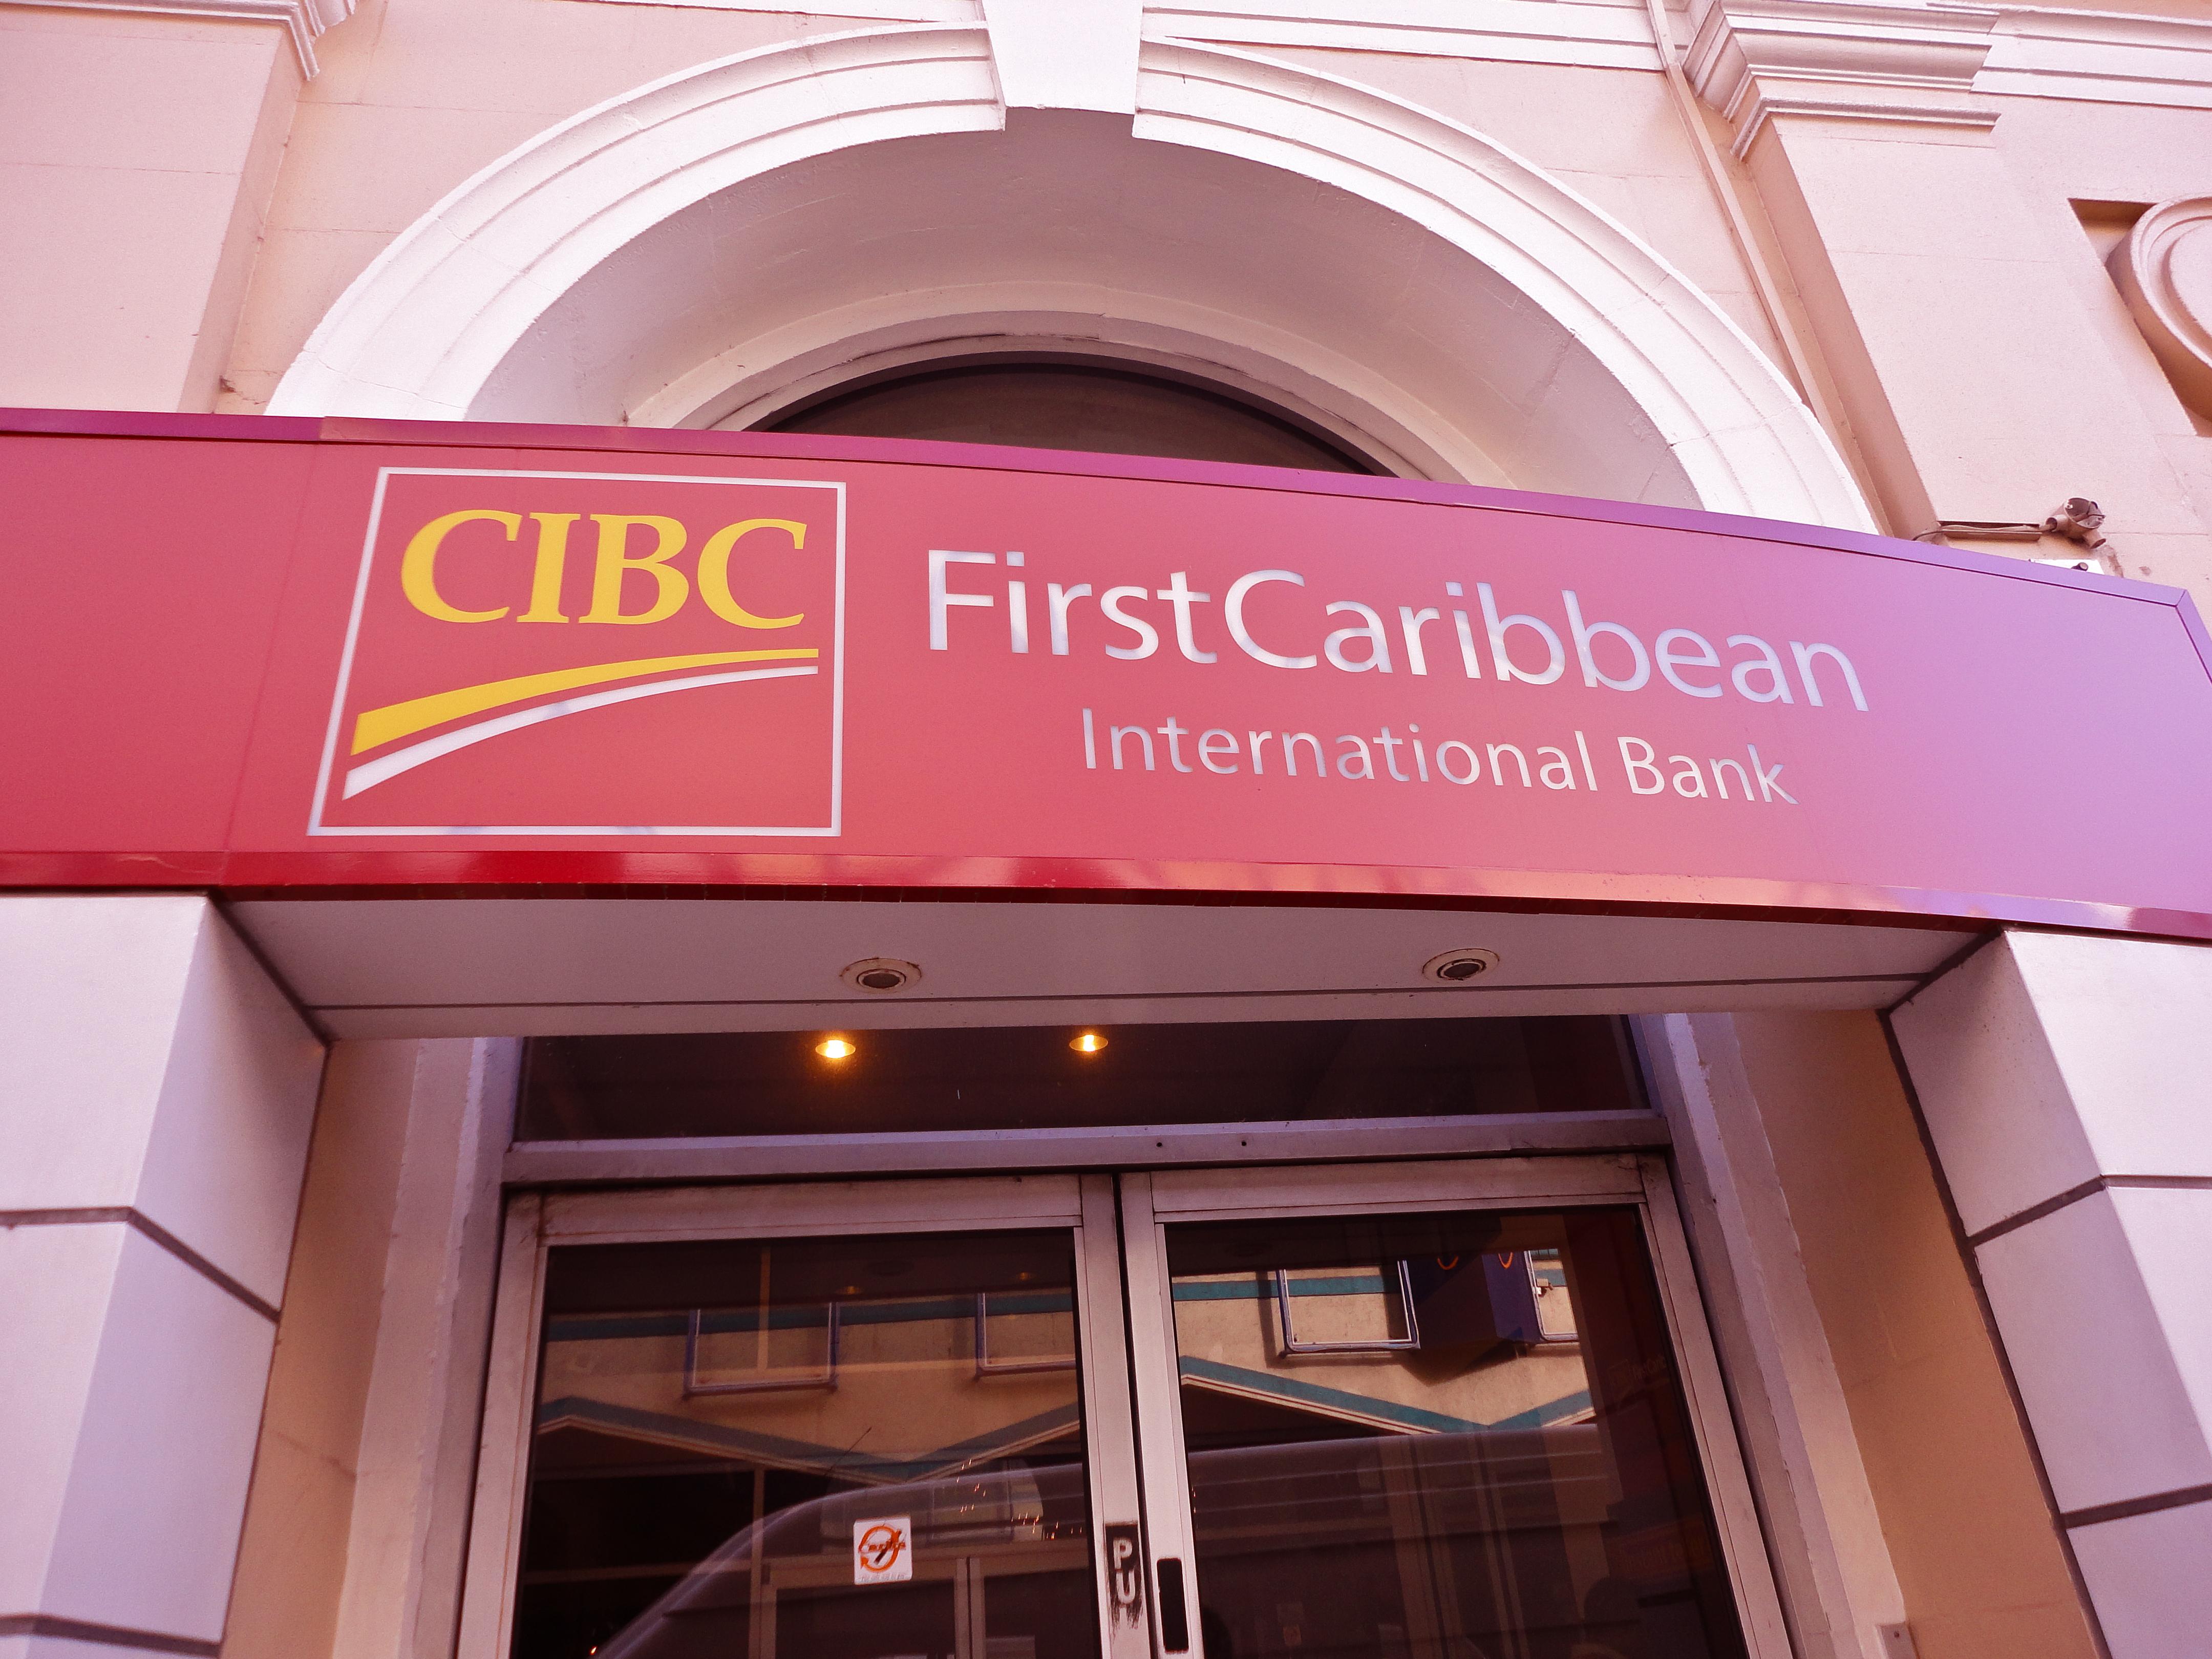 Firstcaribbean International Bank Cayman Islands